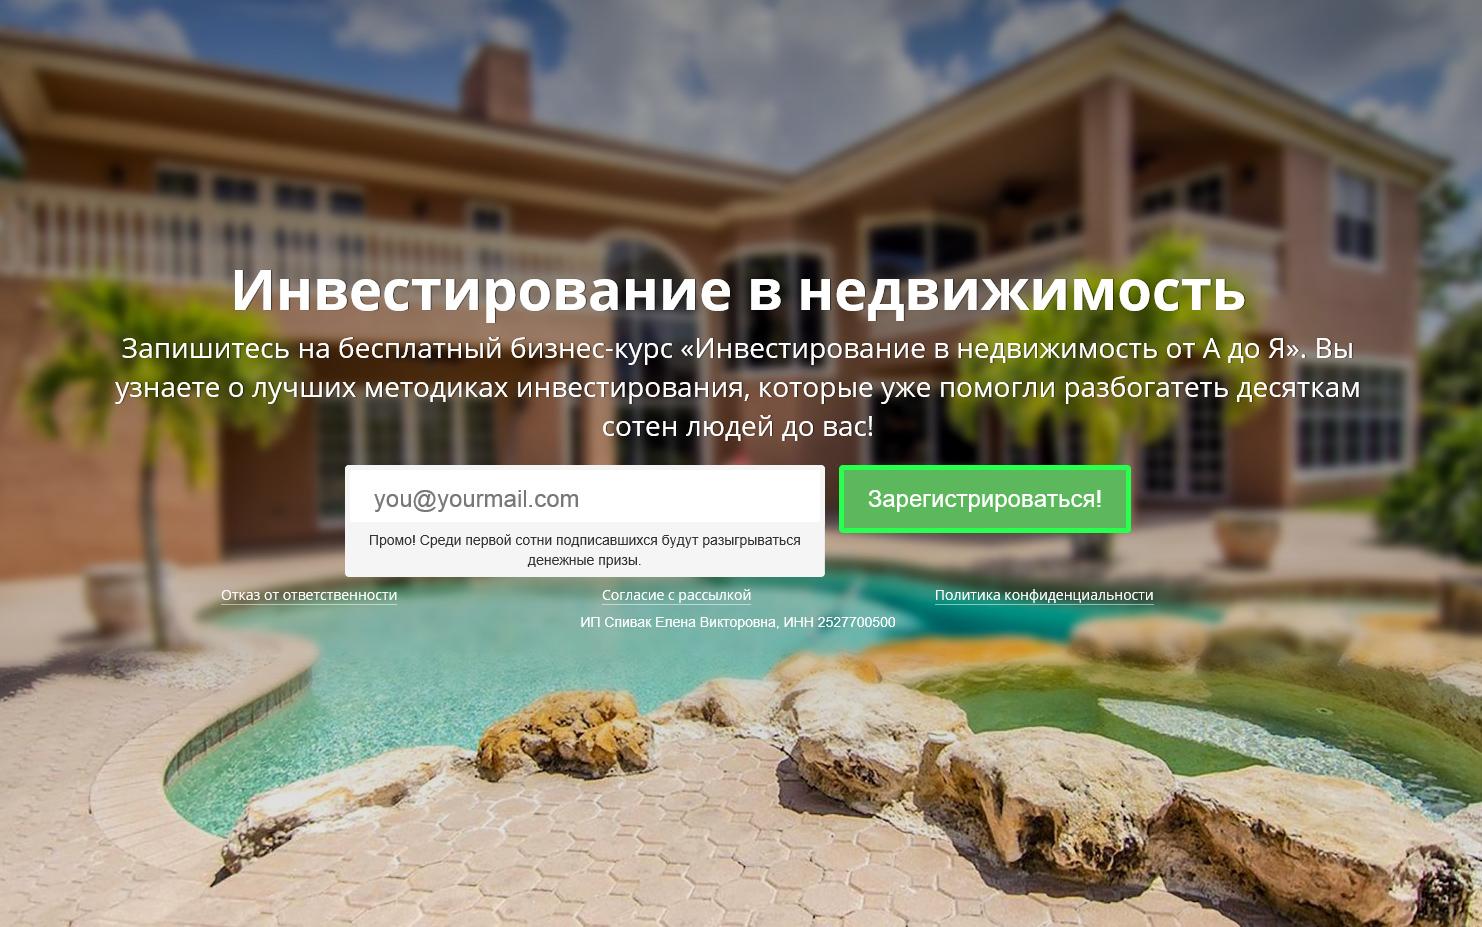 Исправляем страницу подписки «Инвестирование в недвижимость» для Елены Спивак